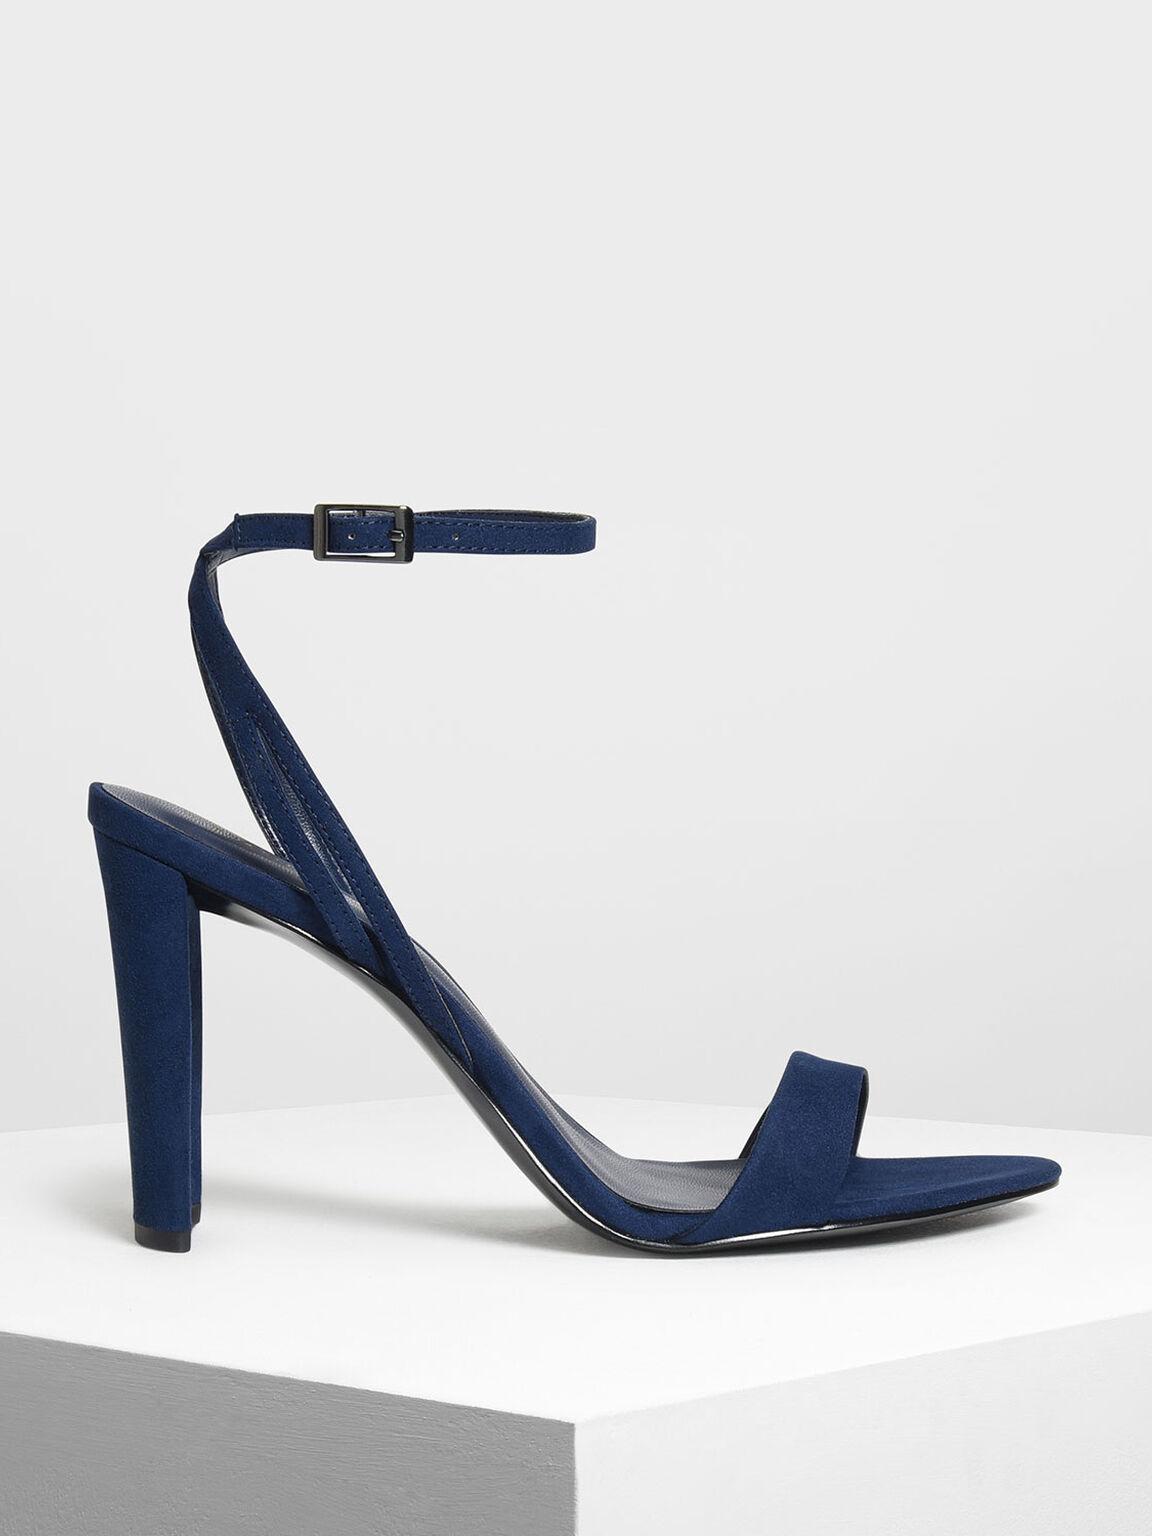 Ankle Strap Heeled Sandals, Dark Blue, hi-res